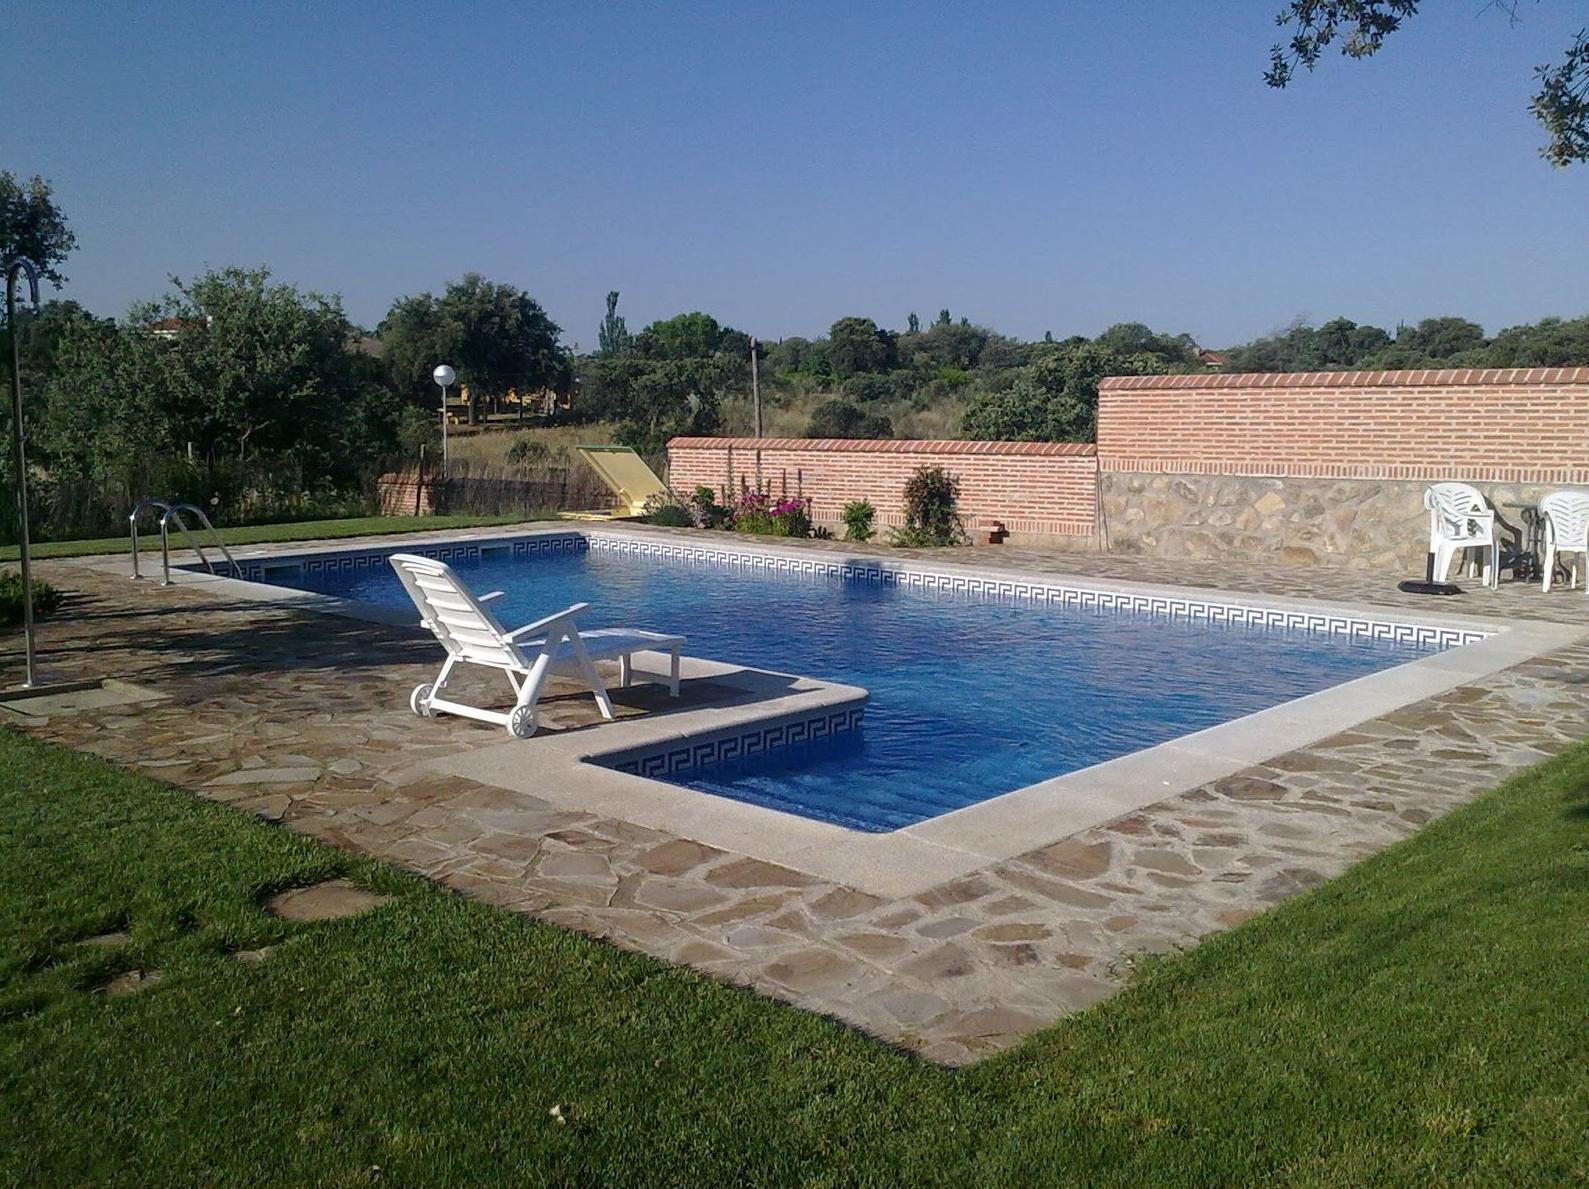 Foto 10 de Piscinas (instalación y mantenimiento) en Talavera de la Reina | Piscicolor, S.L.